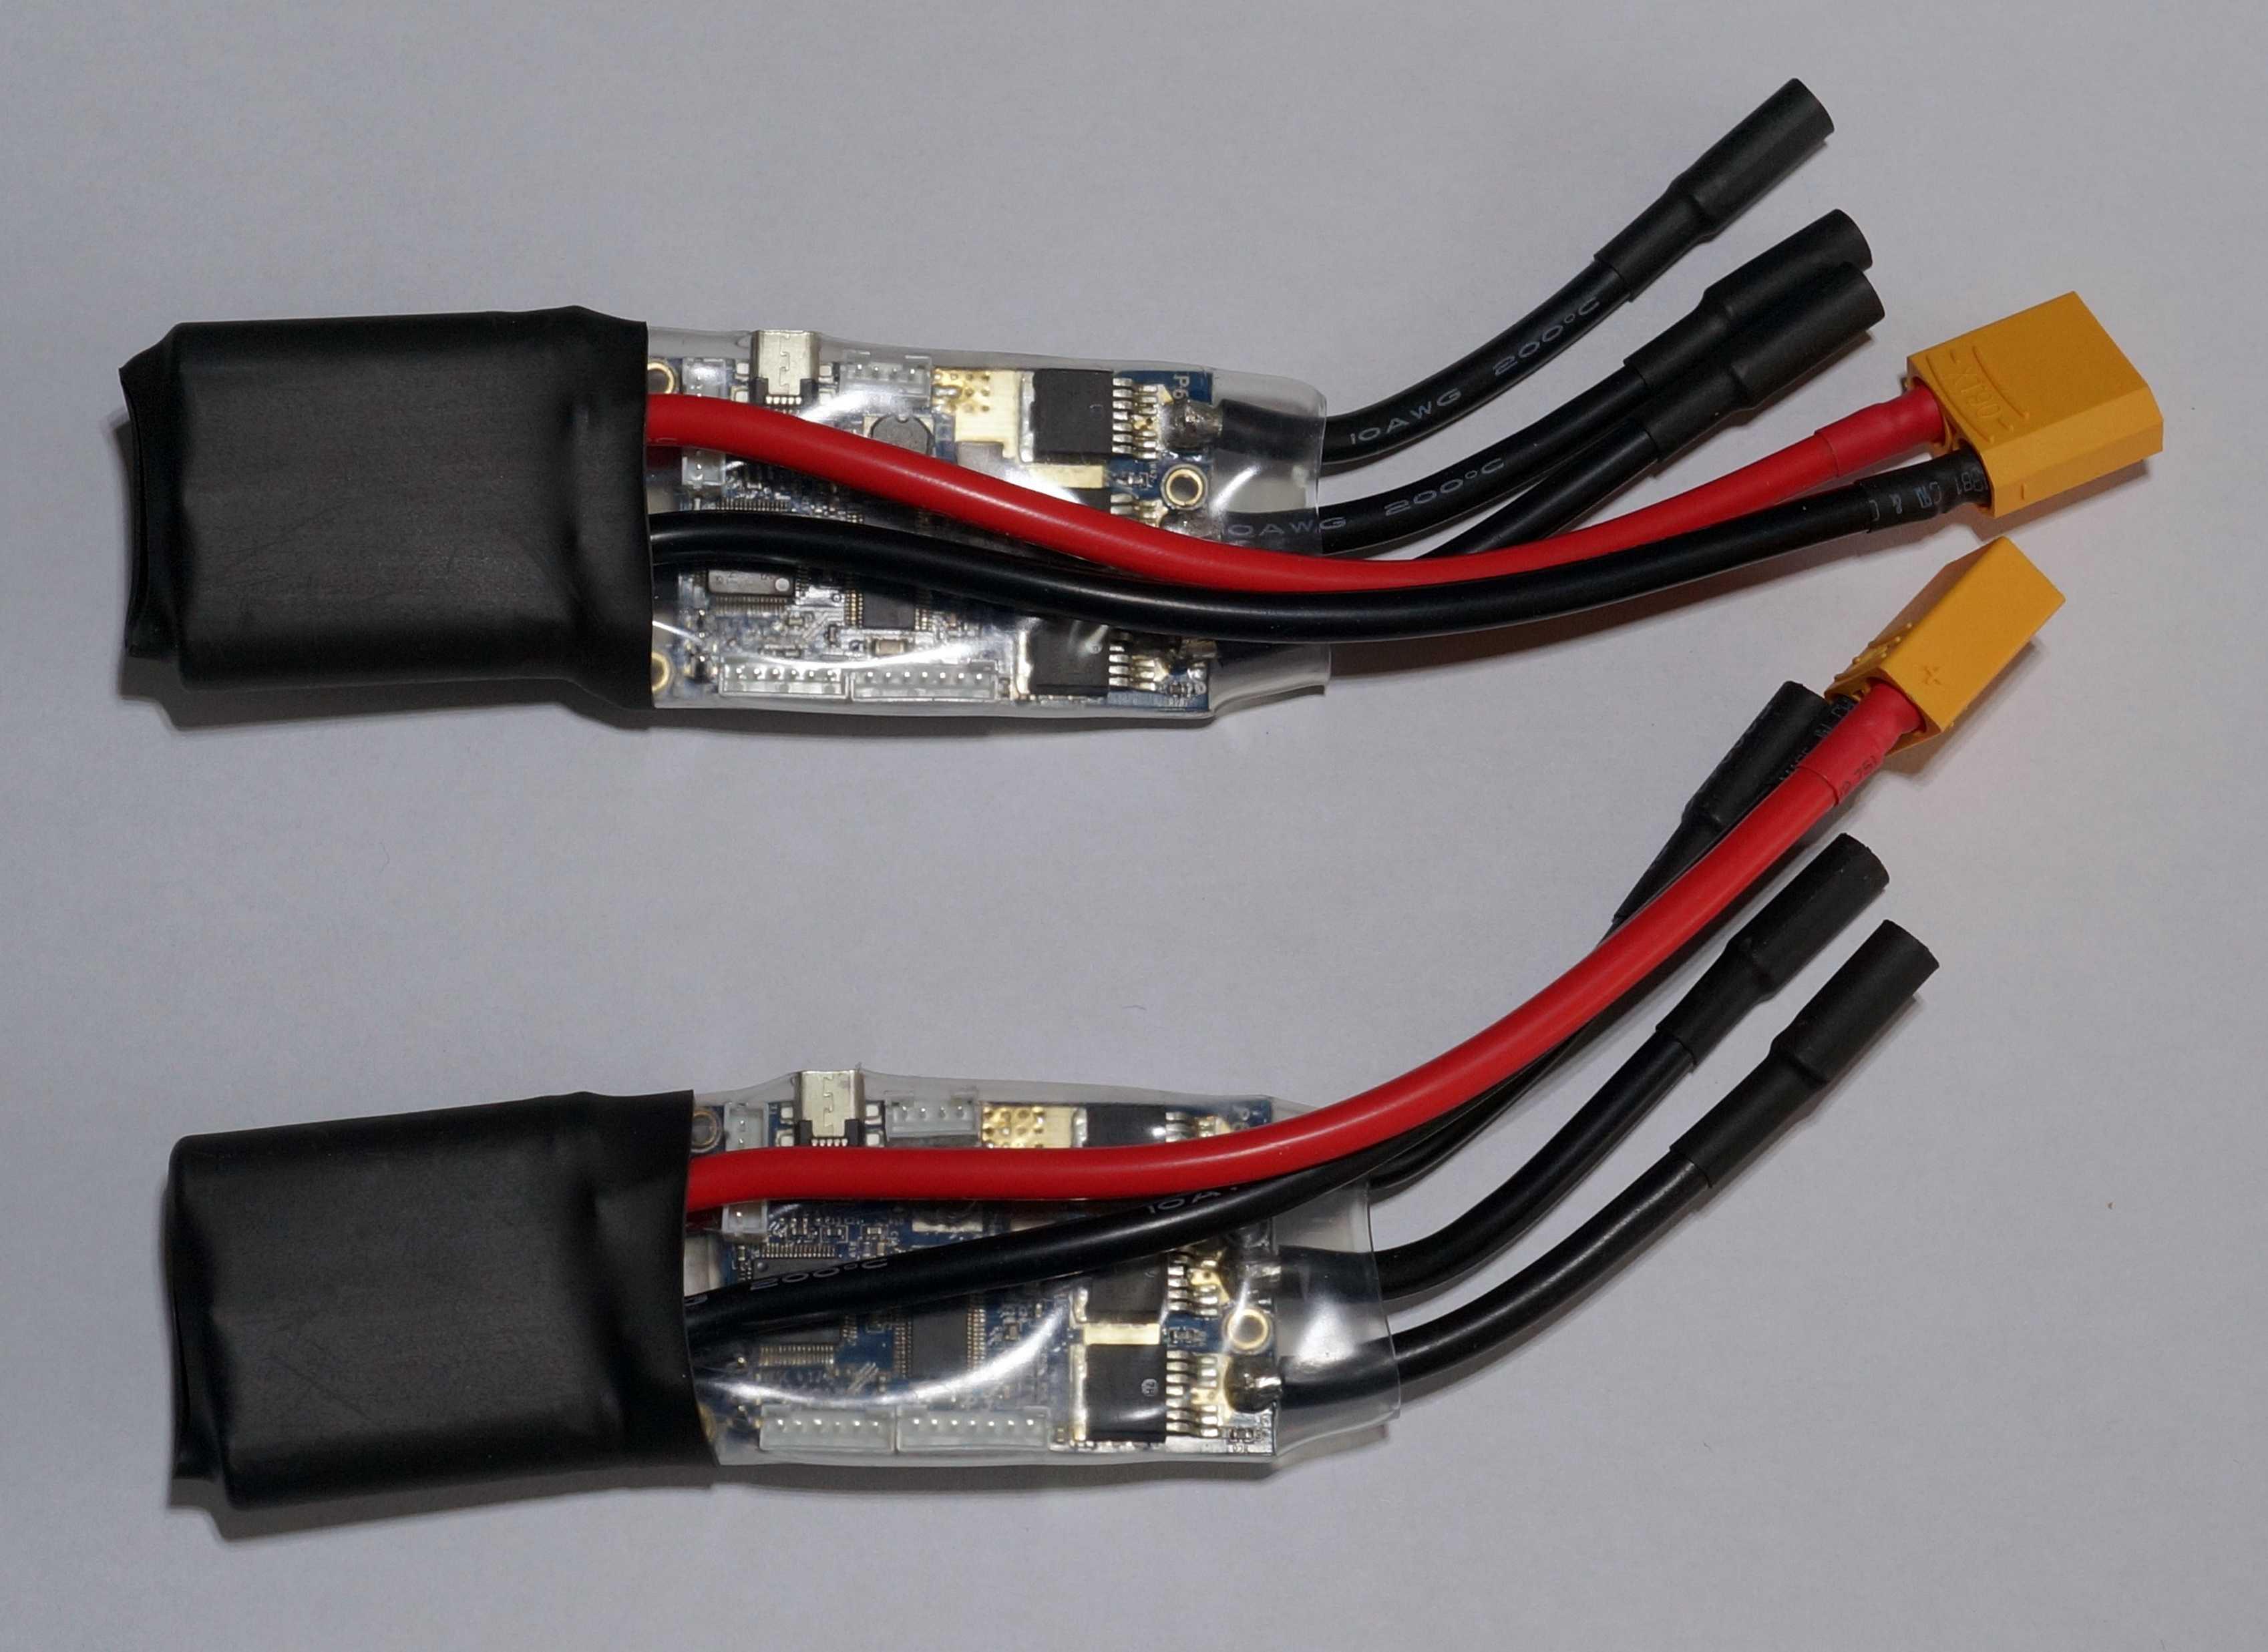 Zwei VESC-Boards mit jeweils fünf Kabeln